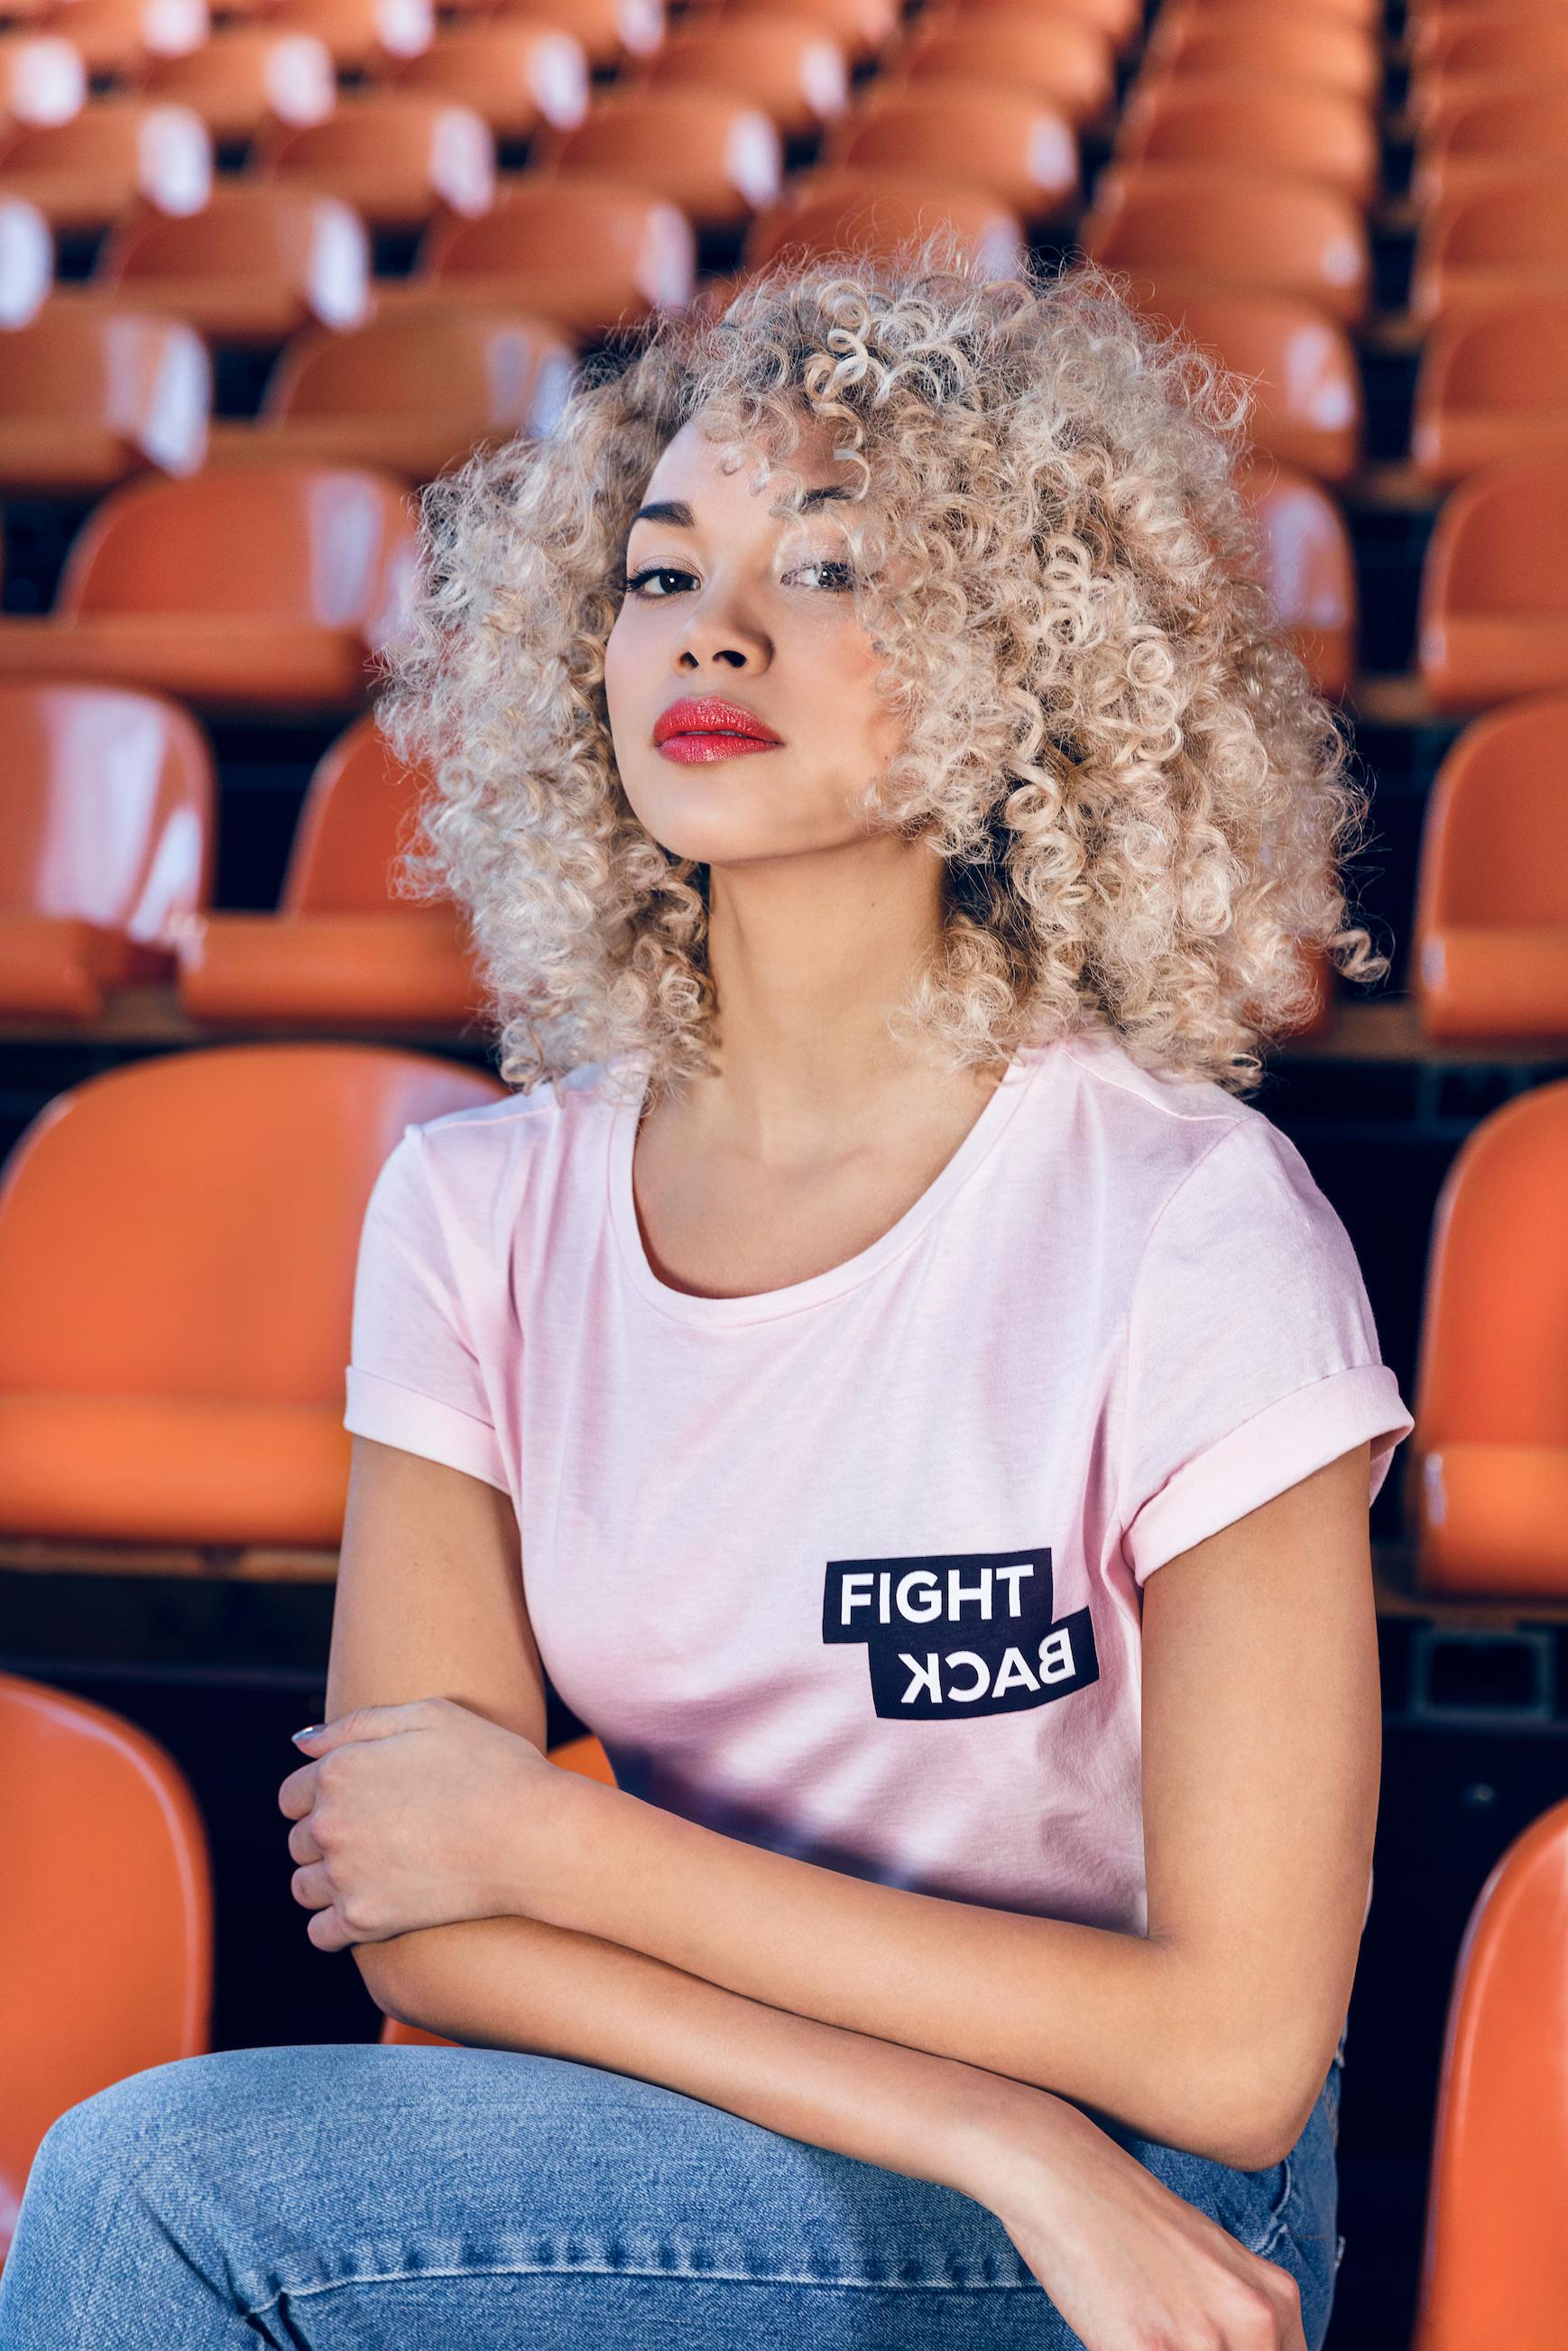 Fight Back Vero Moda